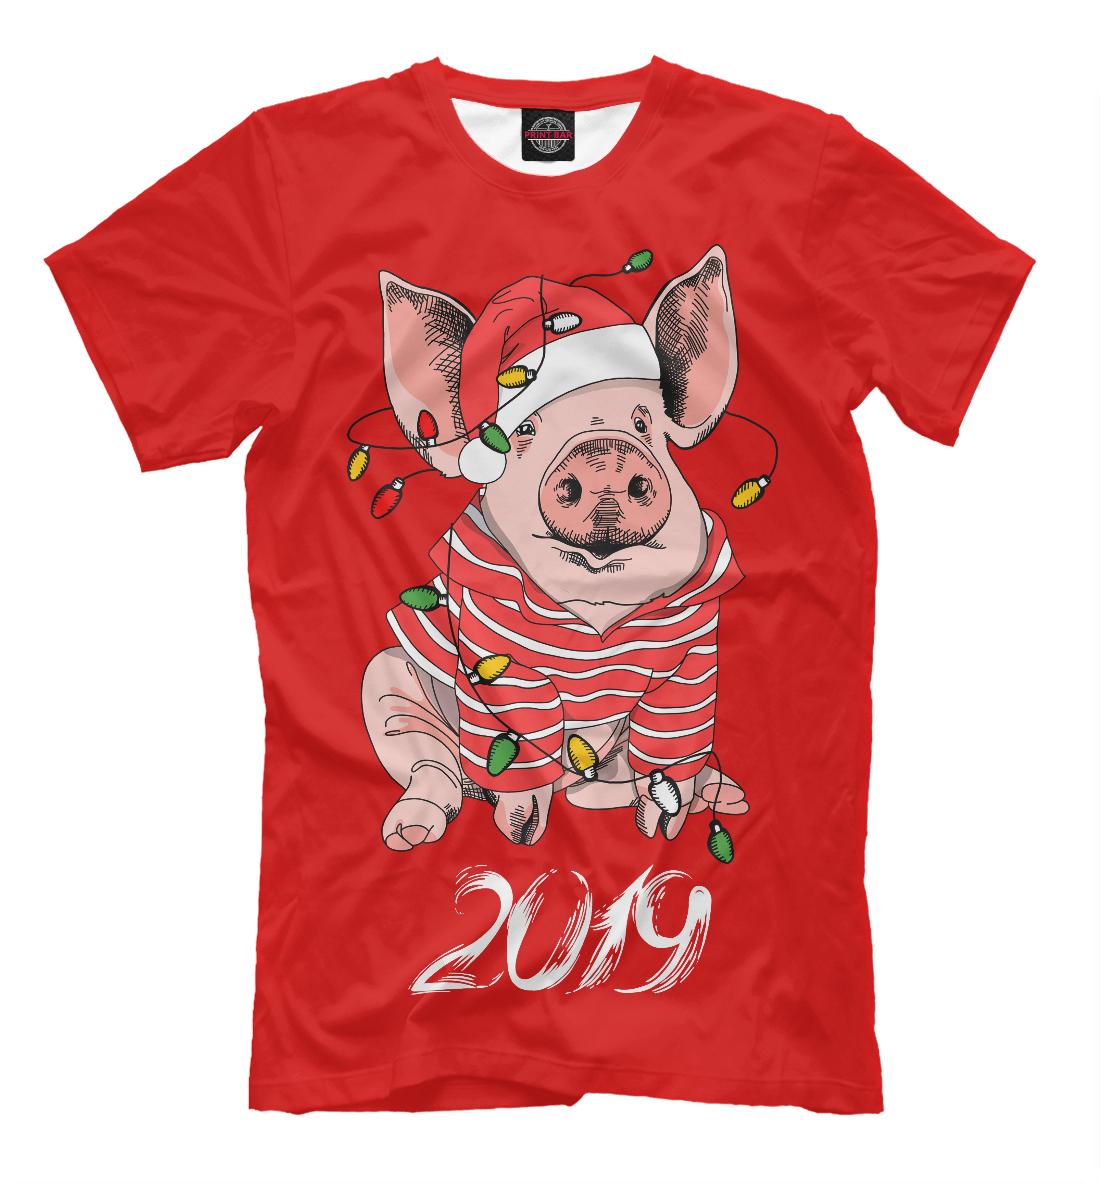 картинка на футболку свинья такому выводу